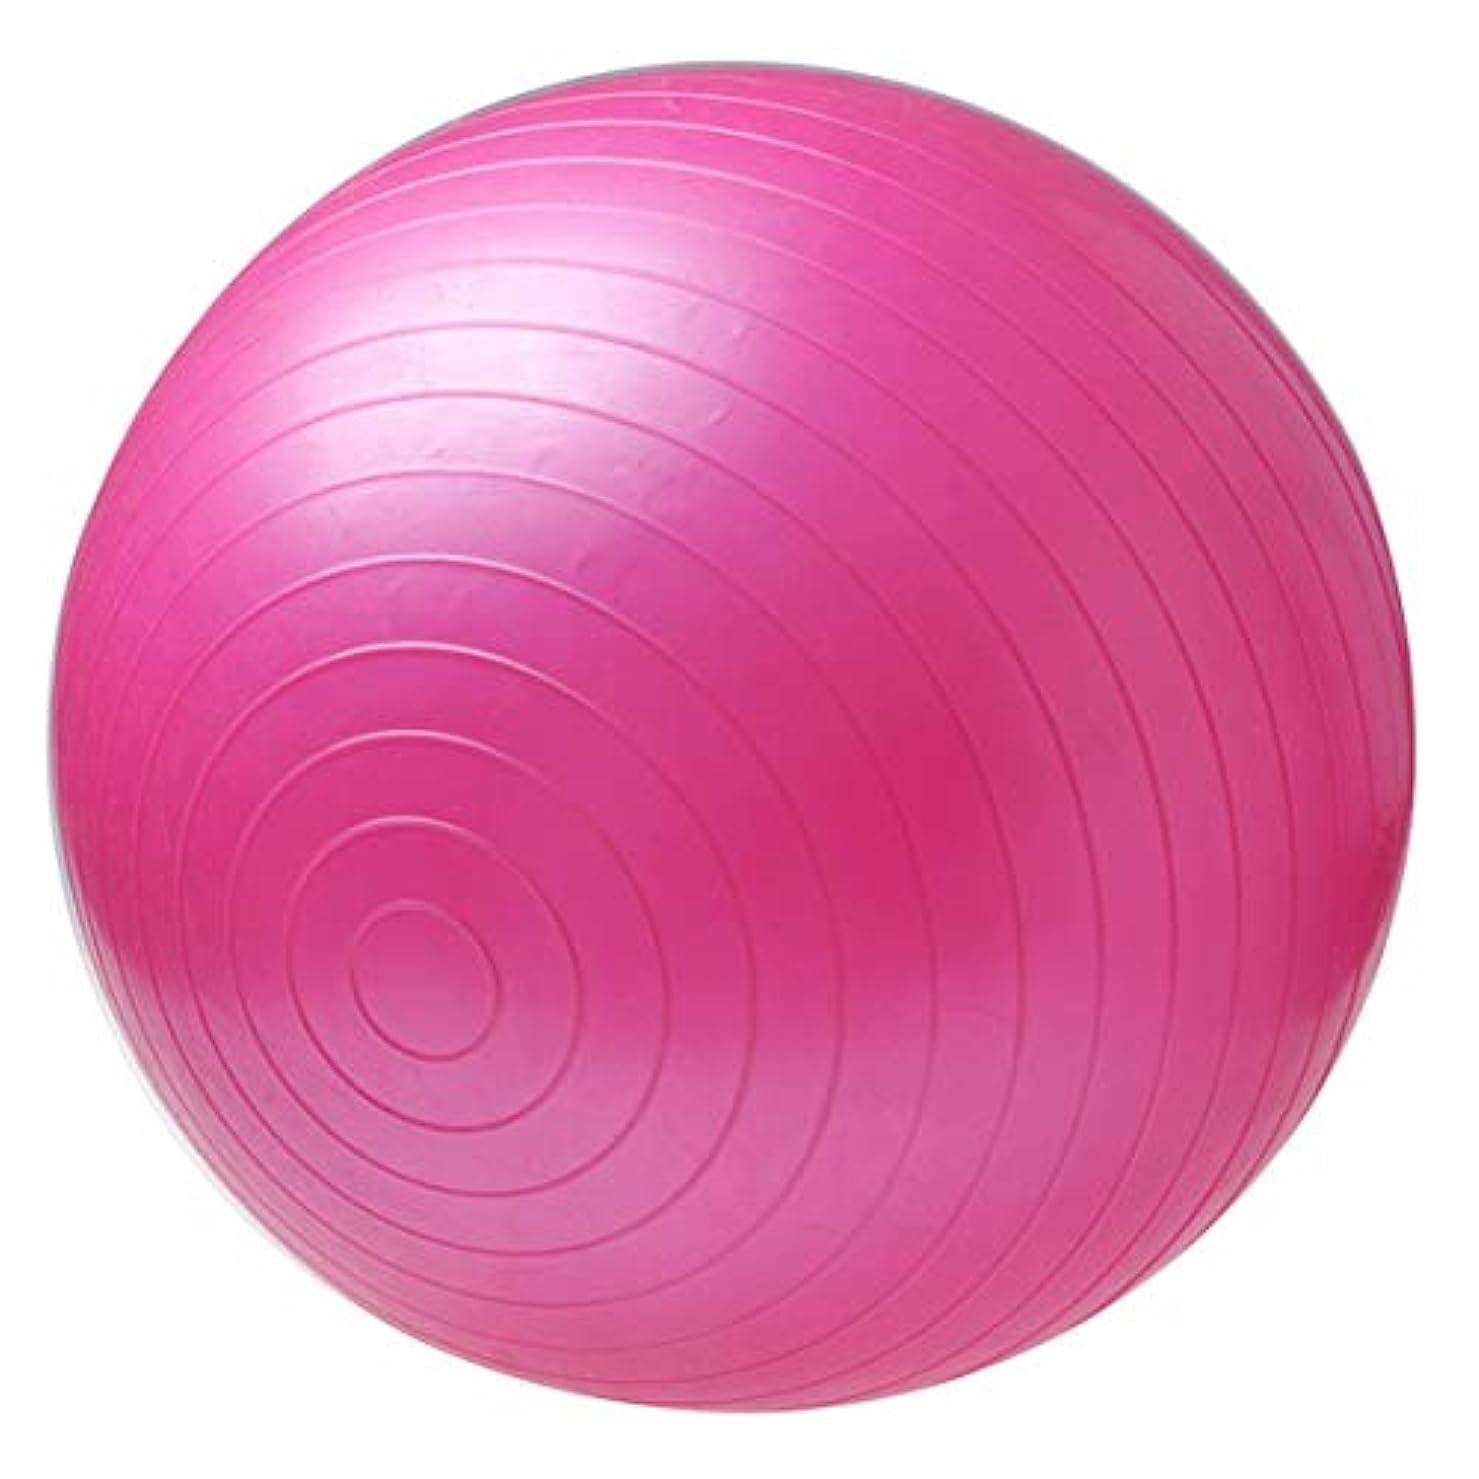 アナニバー分配します定期的な非毒性スポーツヨガボールボラピラティスフィットネスジムバランスフィットボールエクササイズピラティスワークアウトマッサージボール - ピンク75センチ